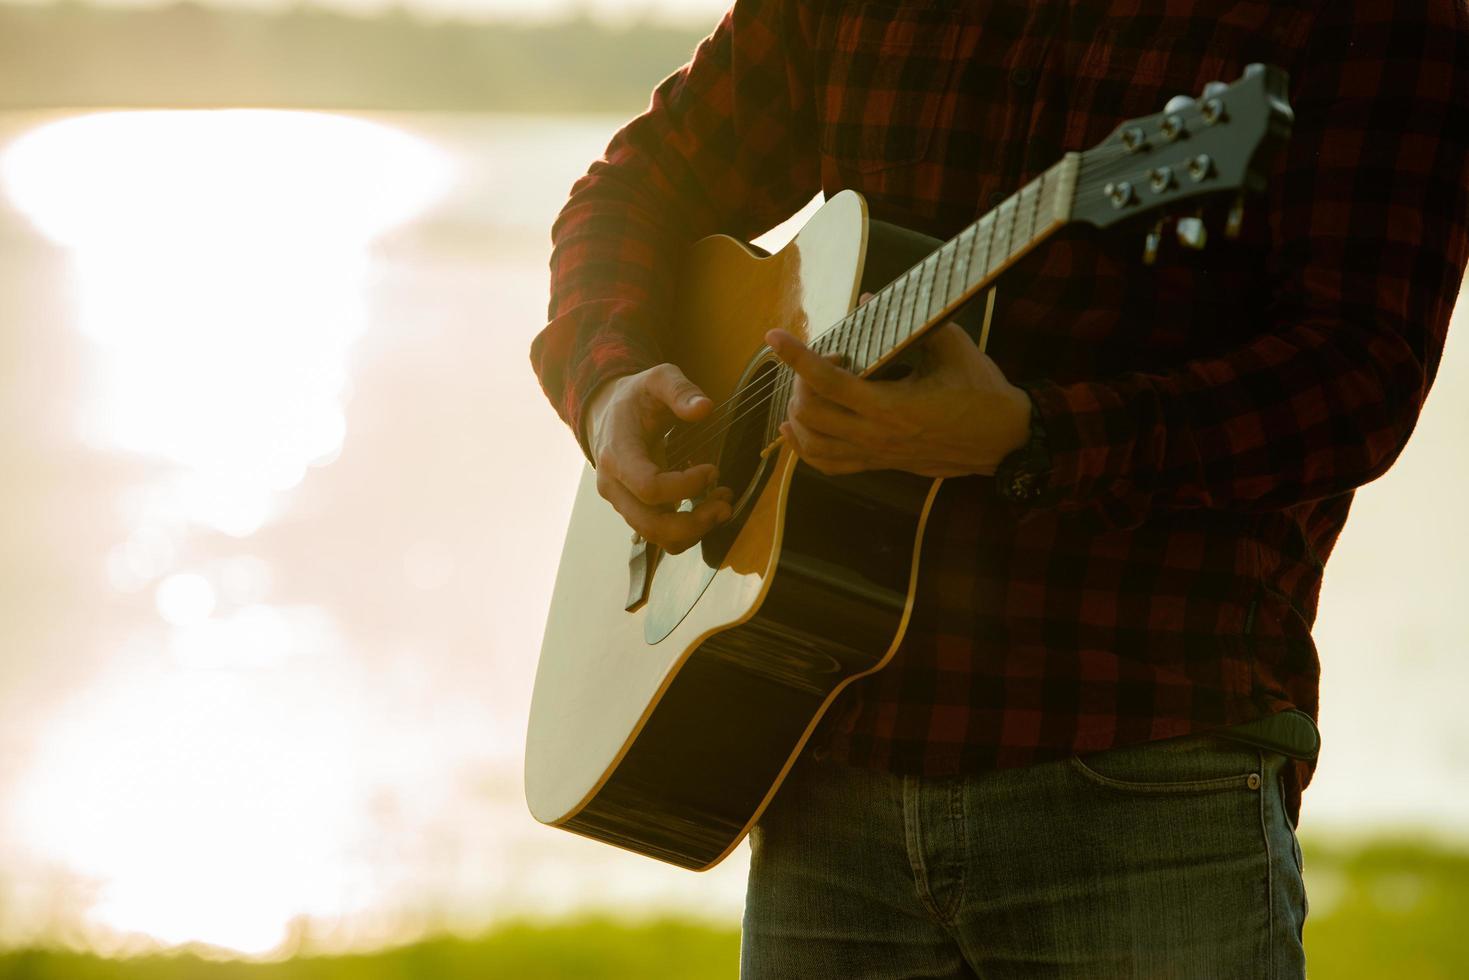 homme jouant de la guitare acoustique photo